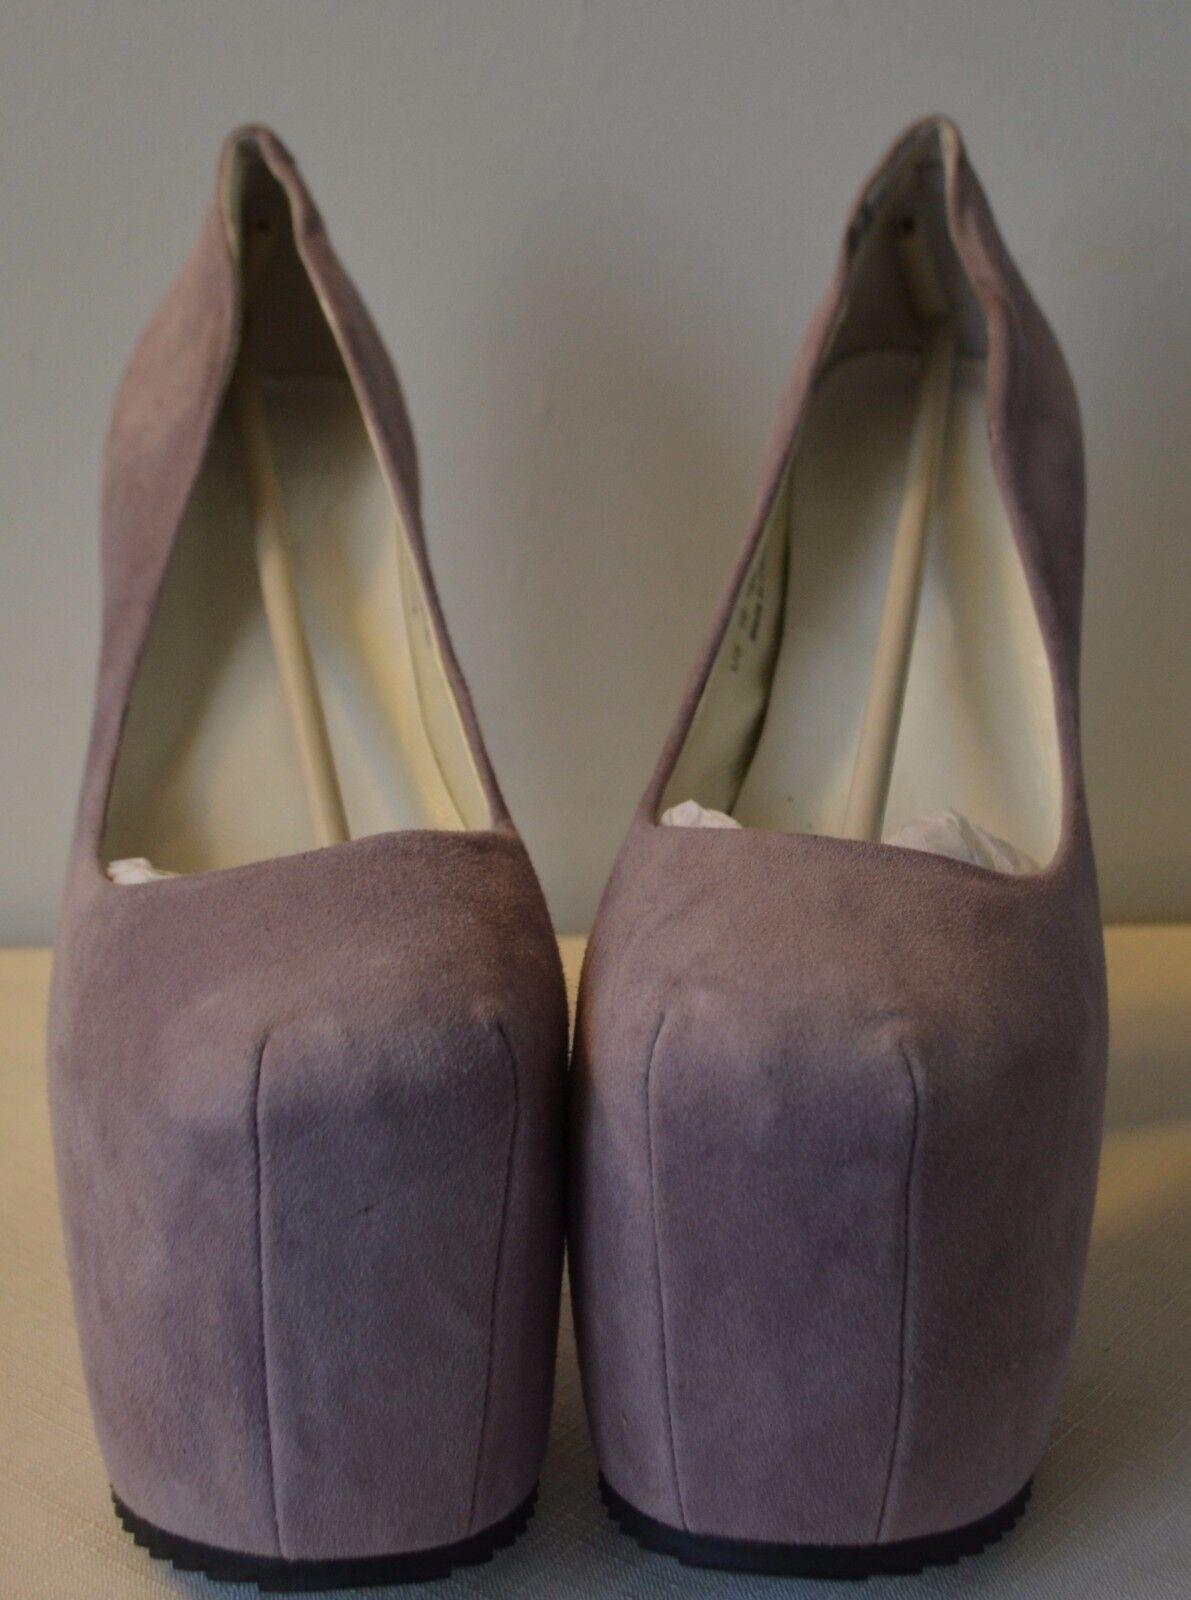 con il prezzo economico per ottenere la migliore marca UNIF, Vapor Lavender, Platform scarpe, Dimensione Dimensione Dimensione 10  ordina adesso